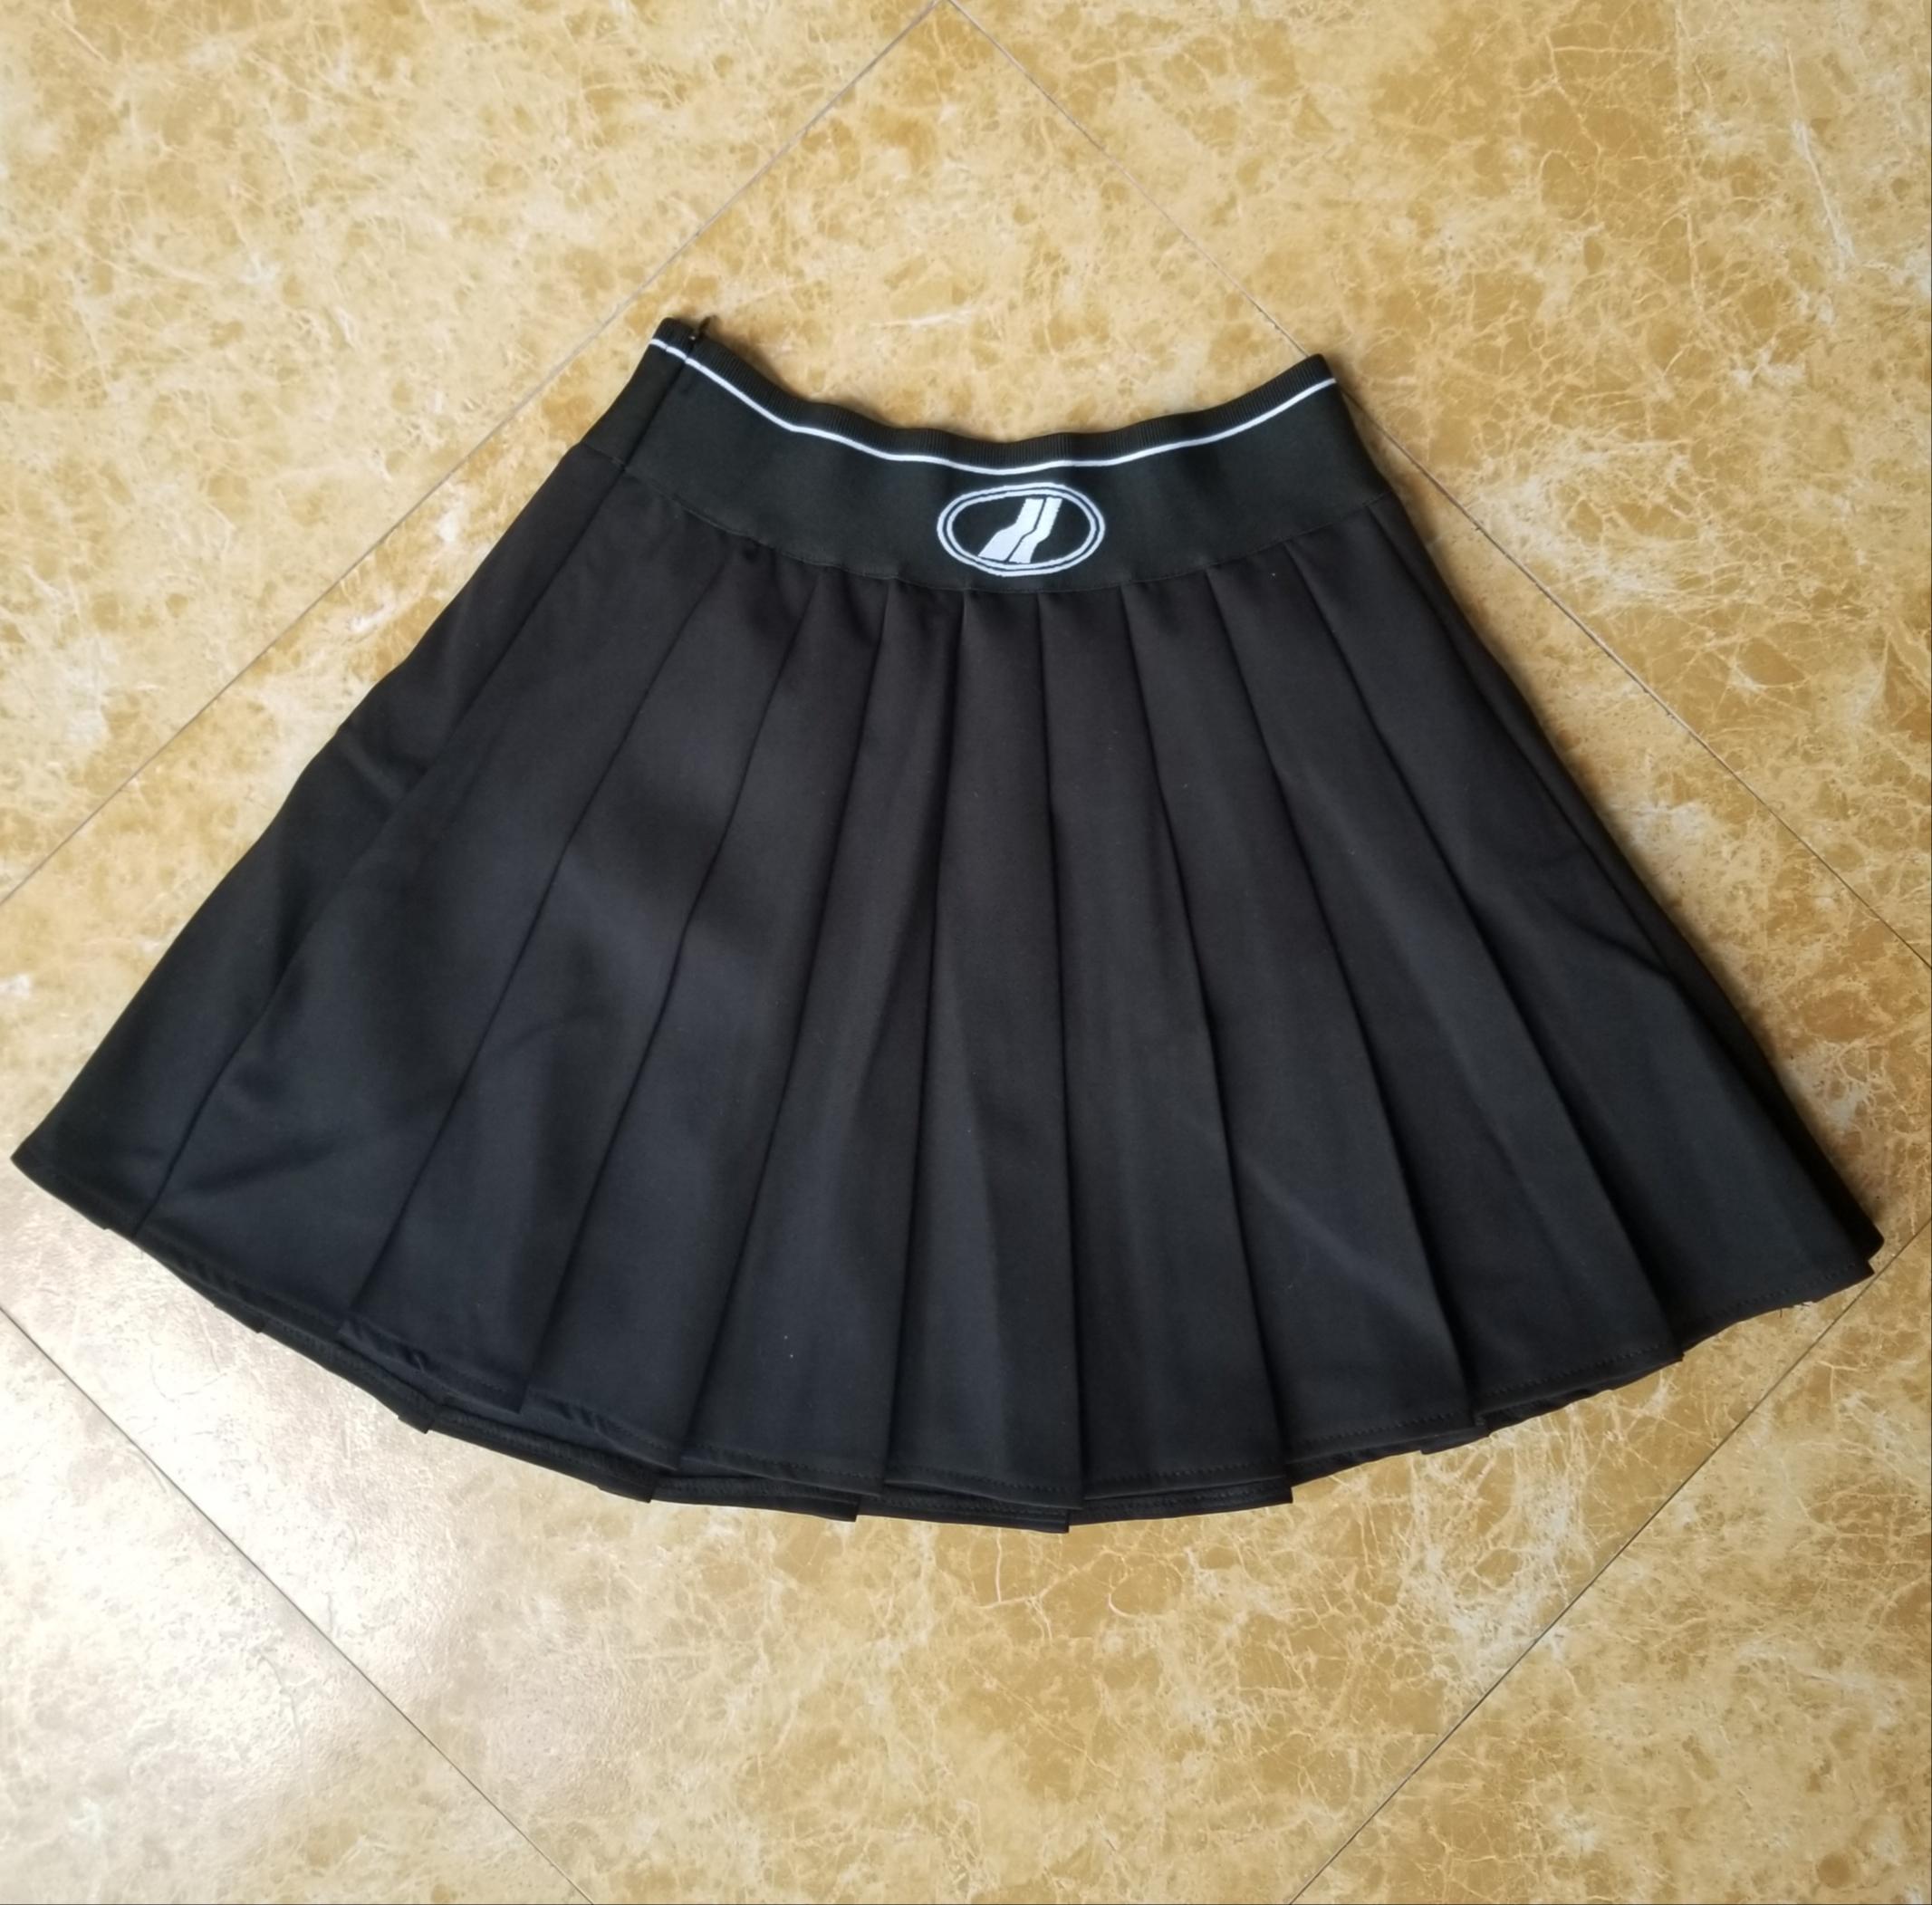 摩歌A777欧洲站秋季新款女松紧腰显瘦半身裙百褶百搭防走光短裙潮